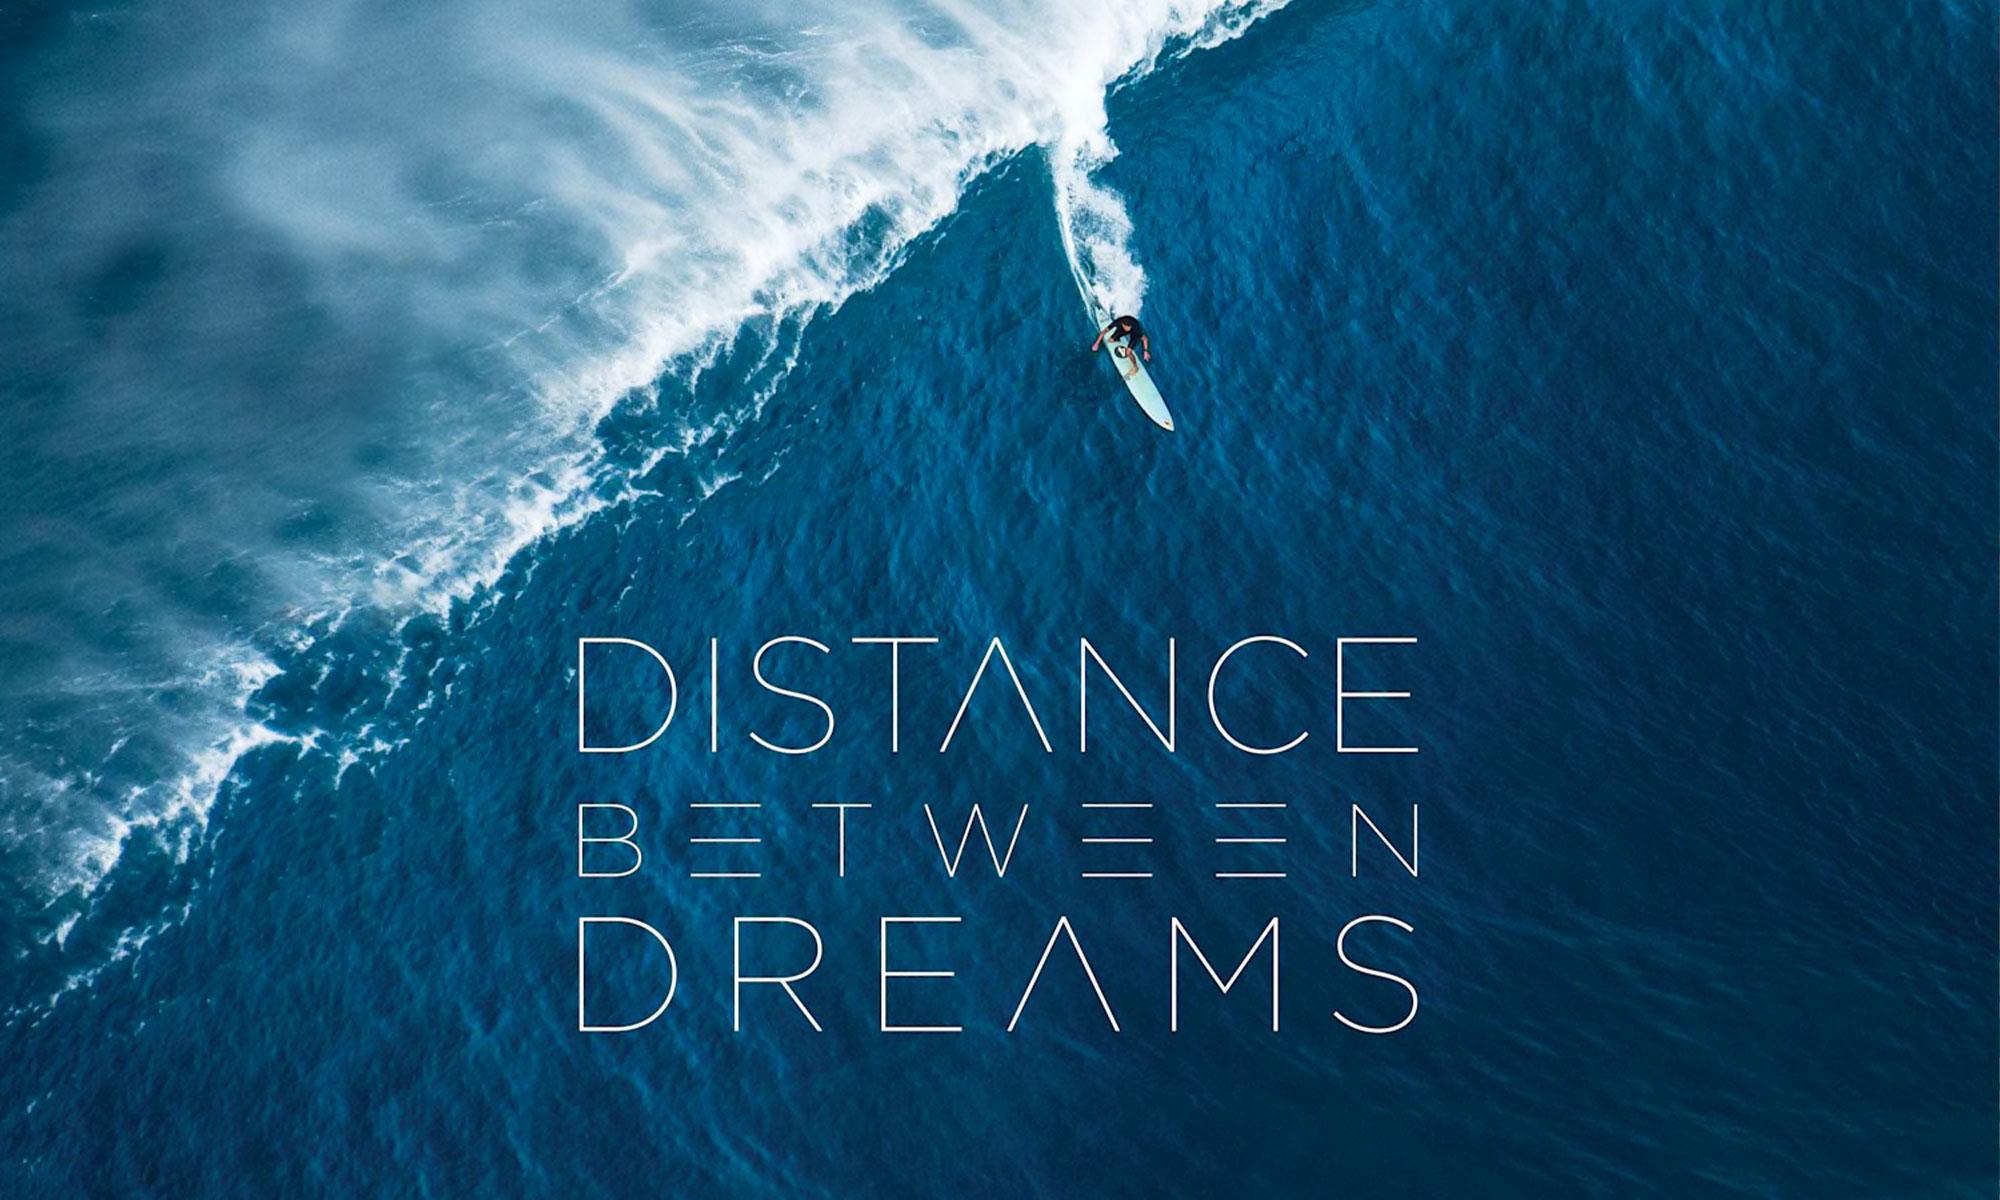 Distance between dreams